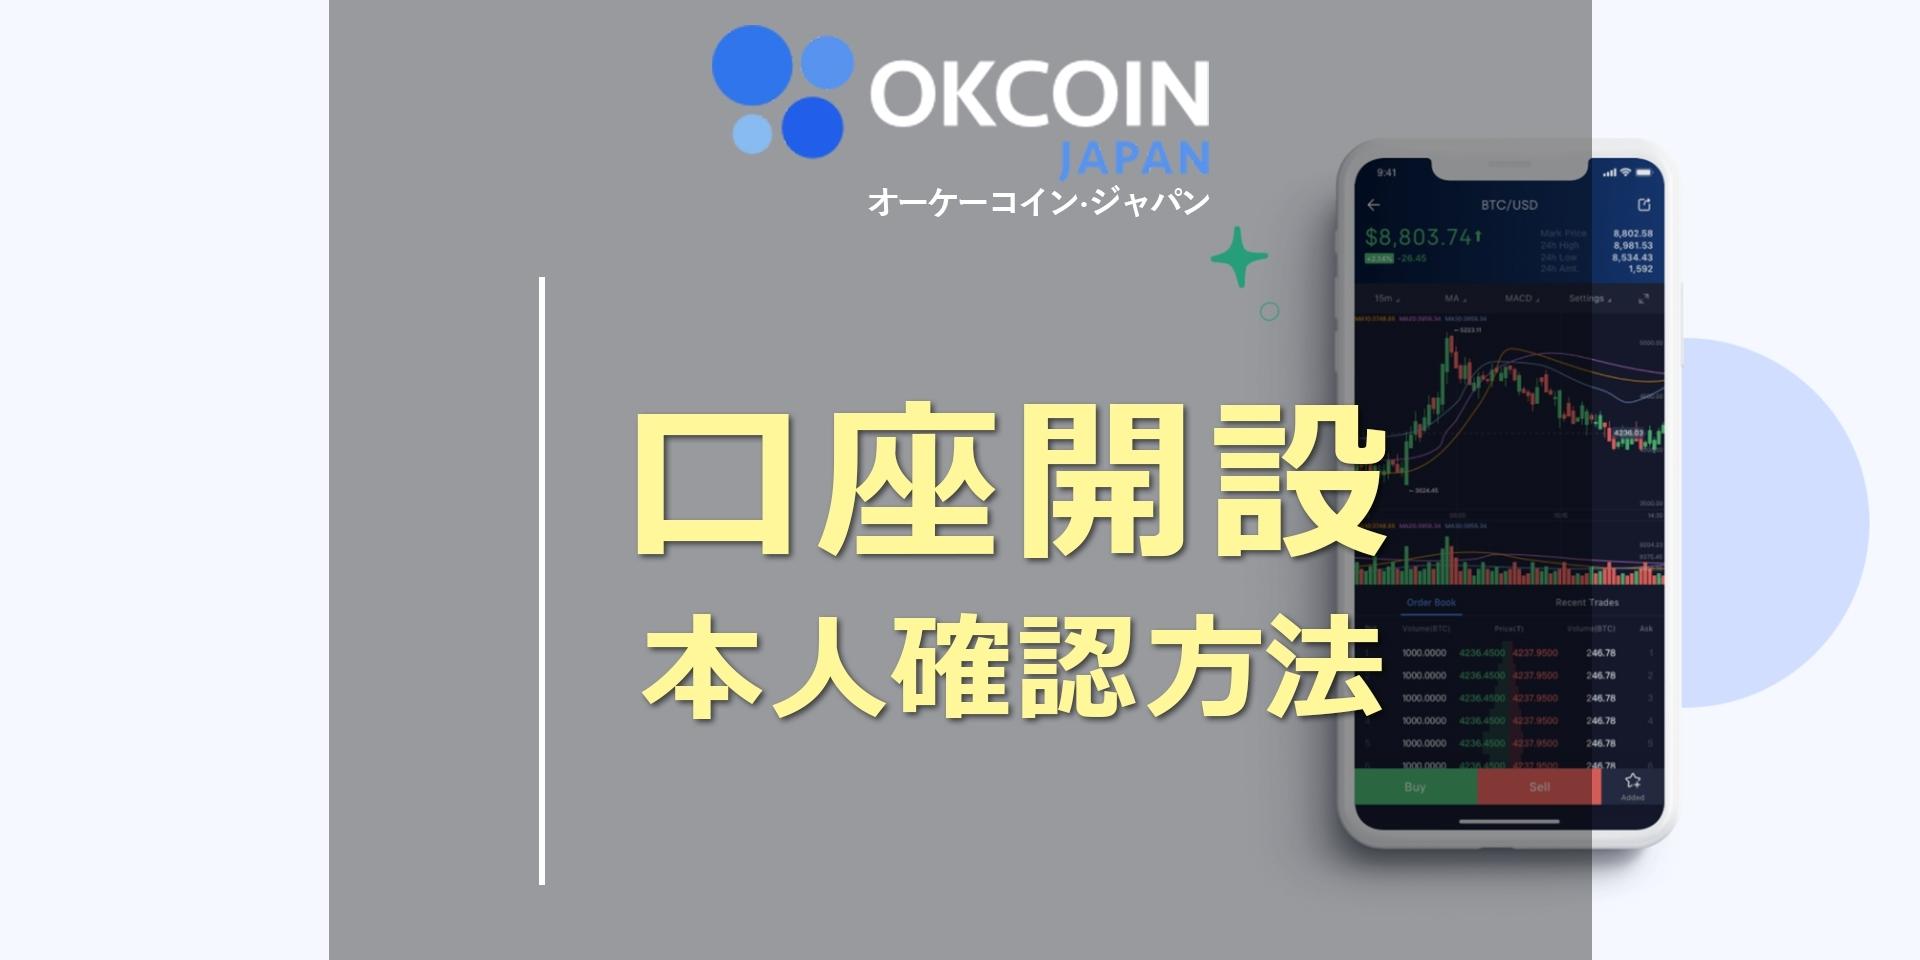 オーケーコインジャパン(OKCoinJapan)の口座開設方法・本人確認方法を画像付きで解説